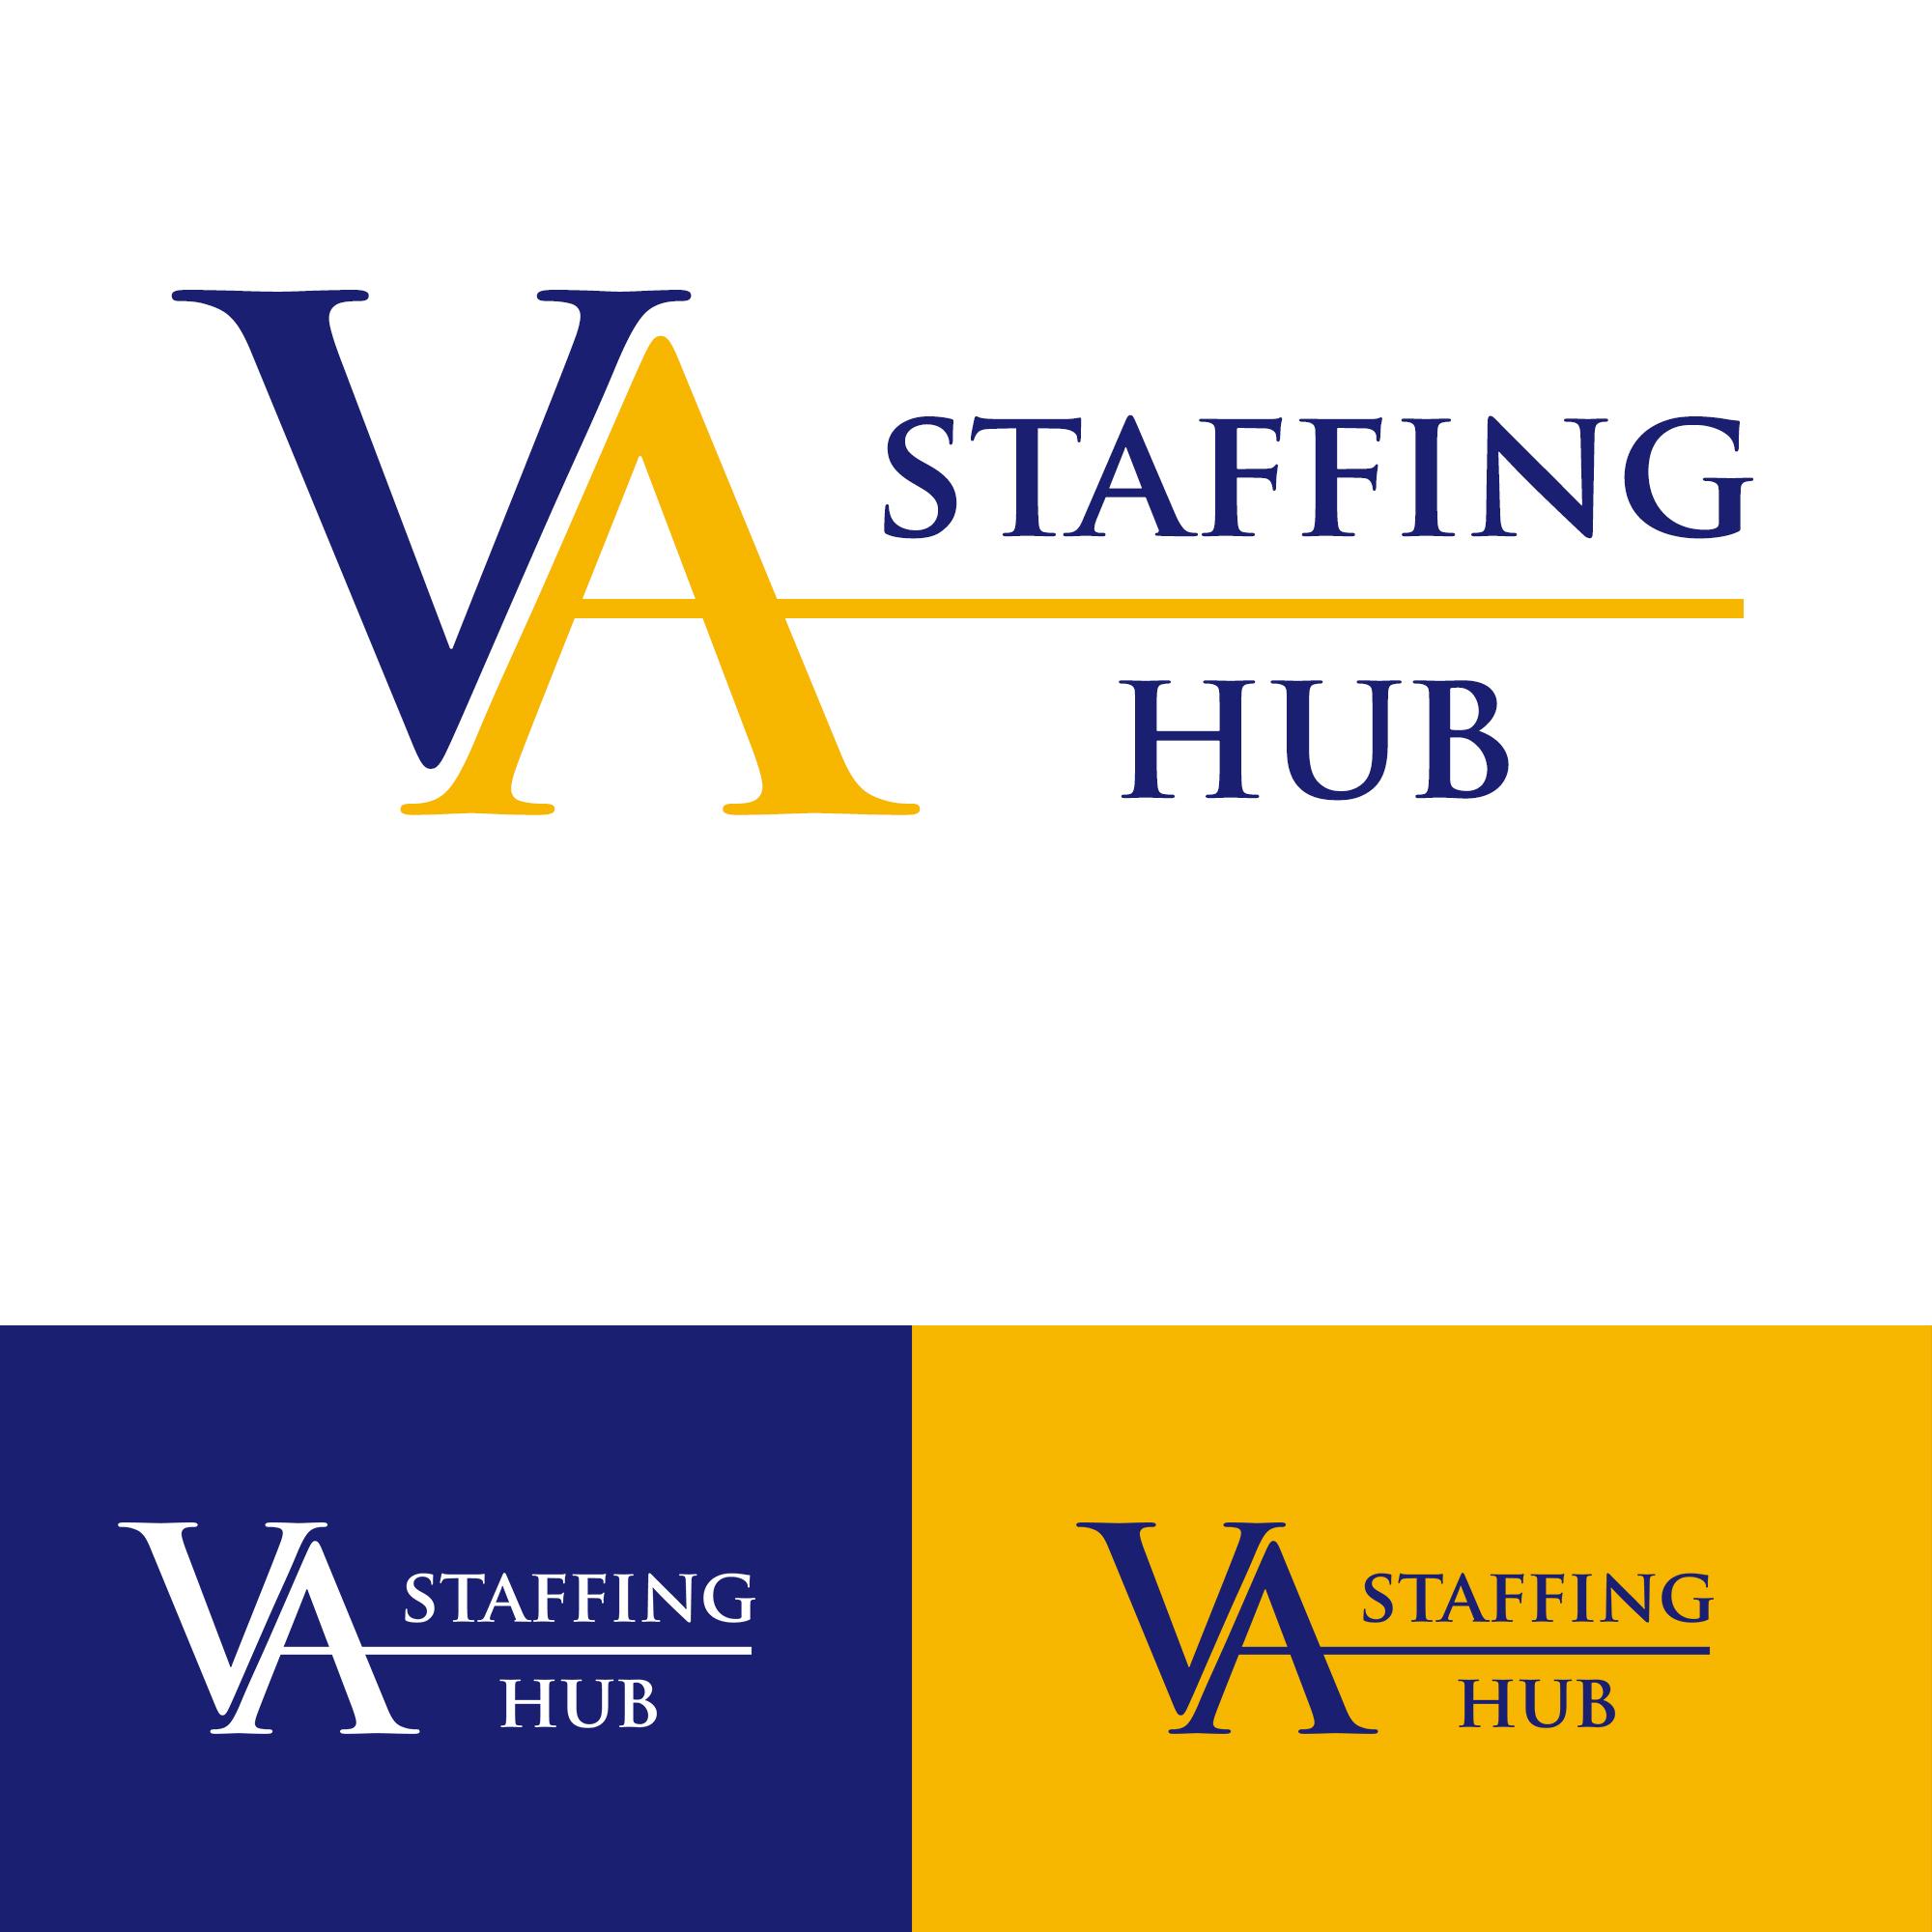 VA Staffing Hub